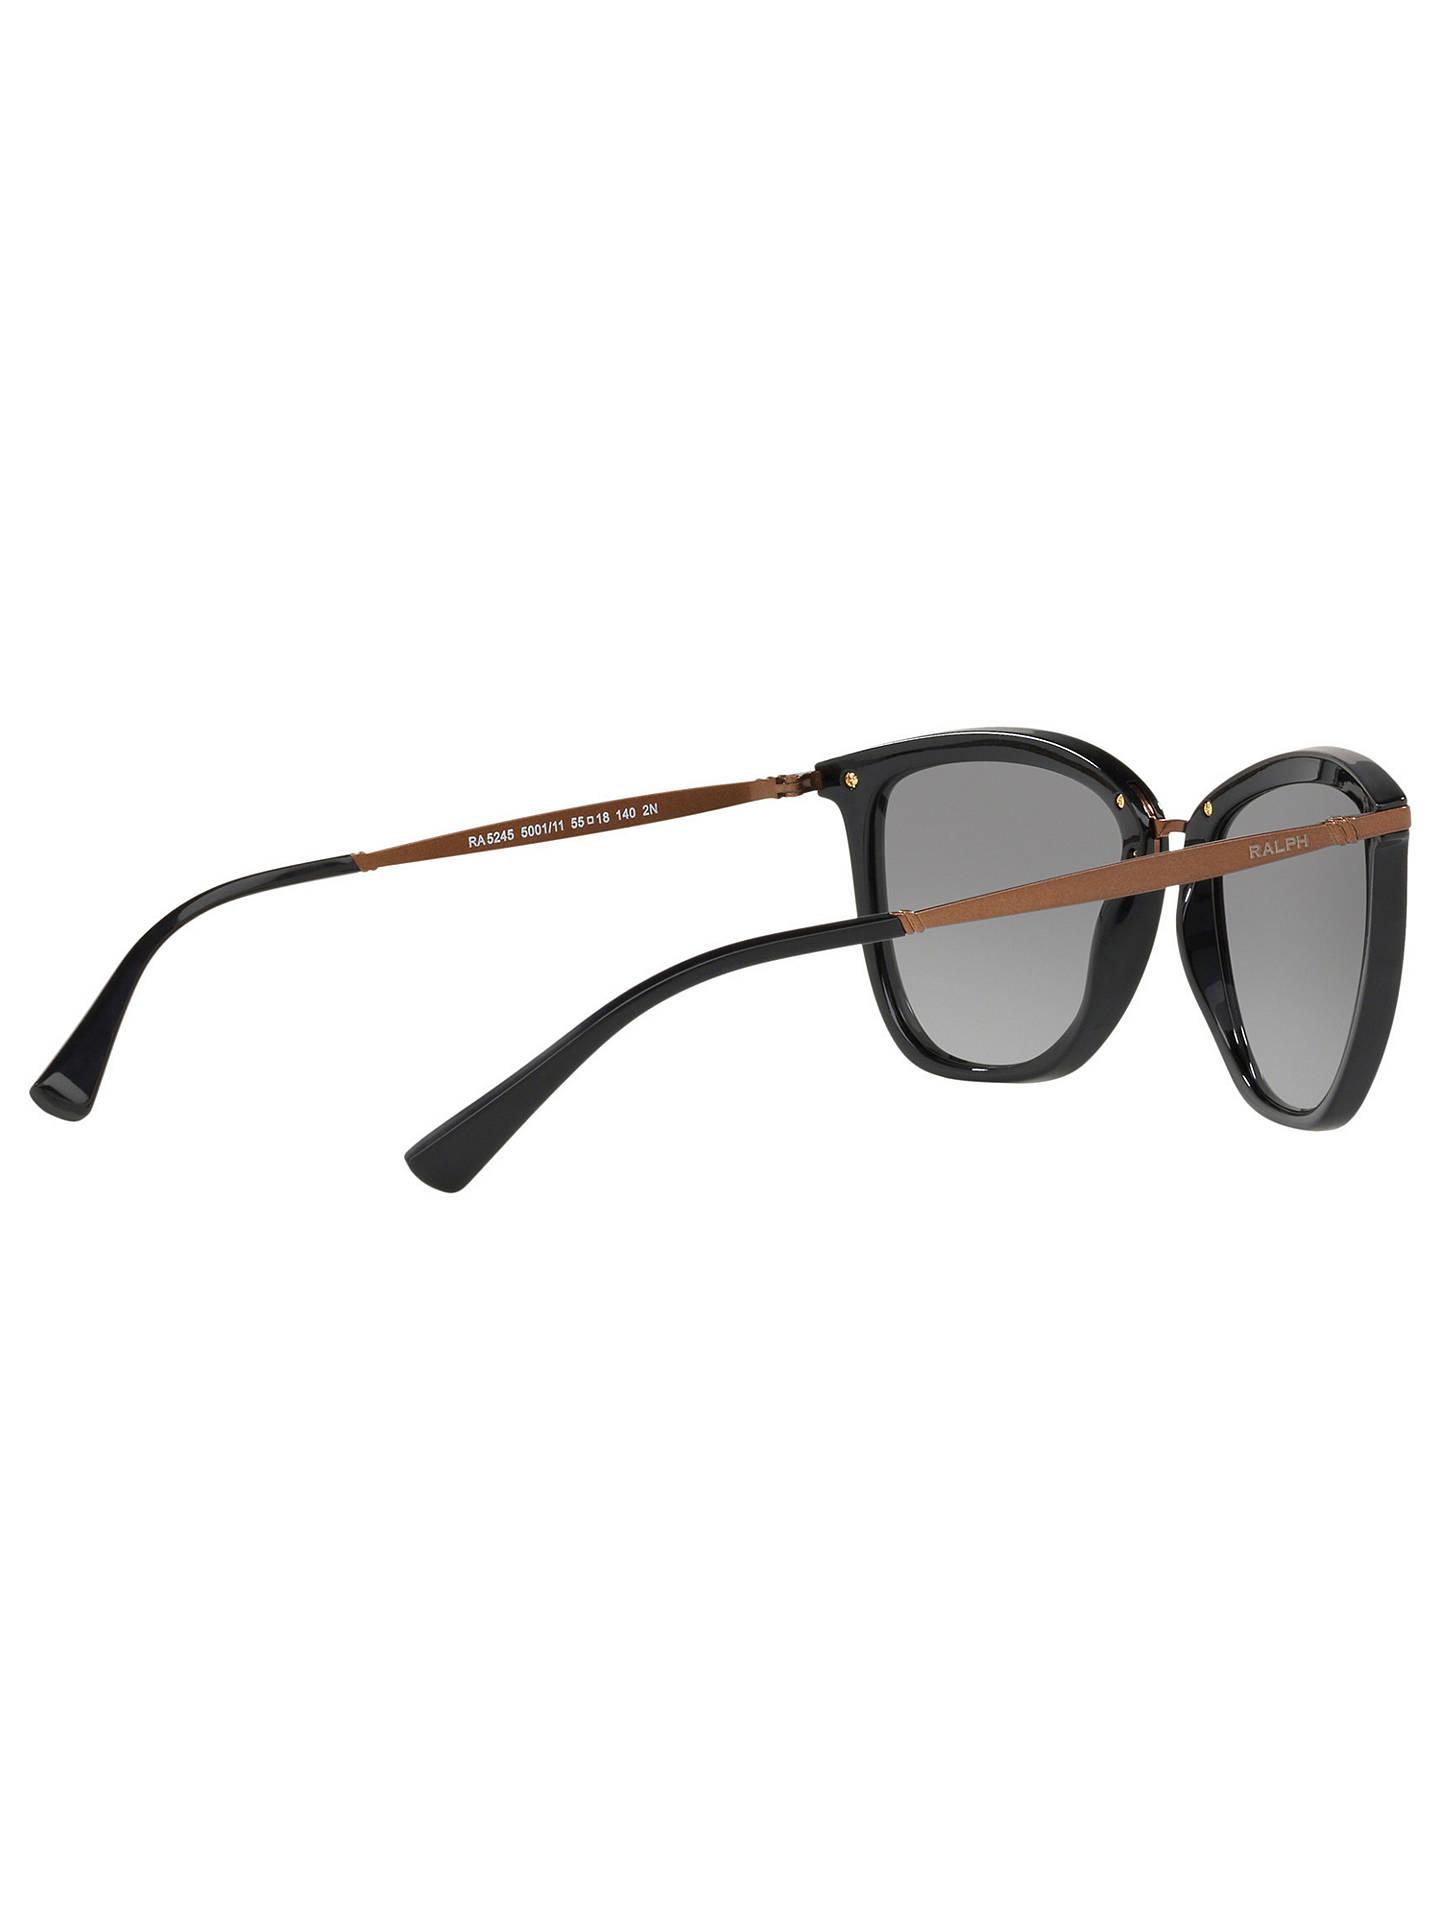 1104634680959 ... Buy Ralph RA5245 Women s Cat s Eye Sunglasses